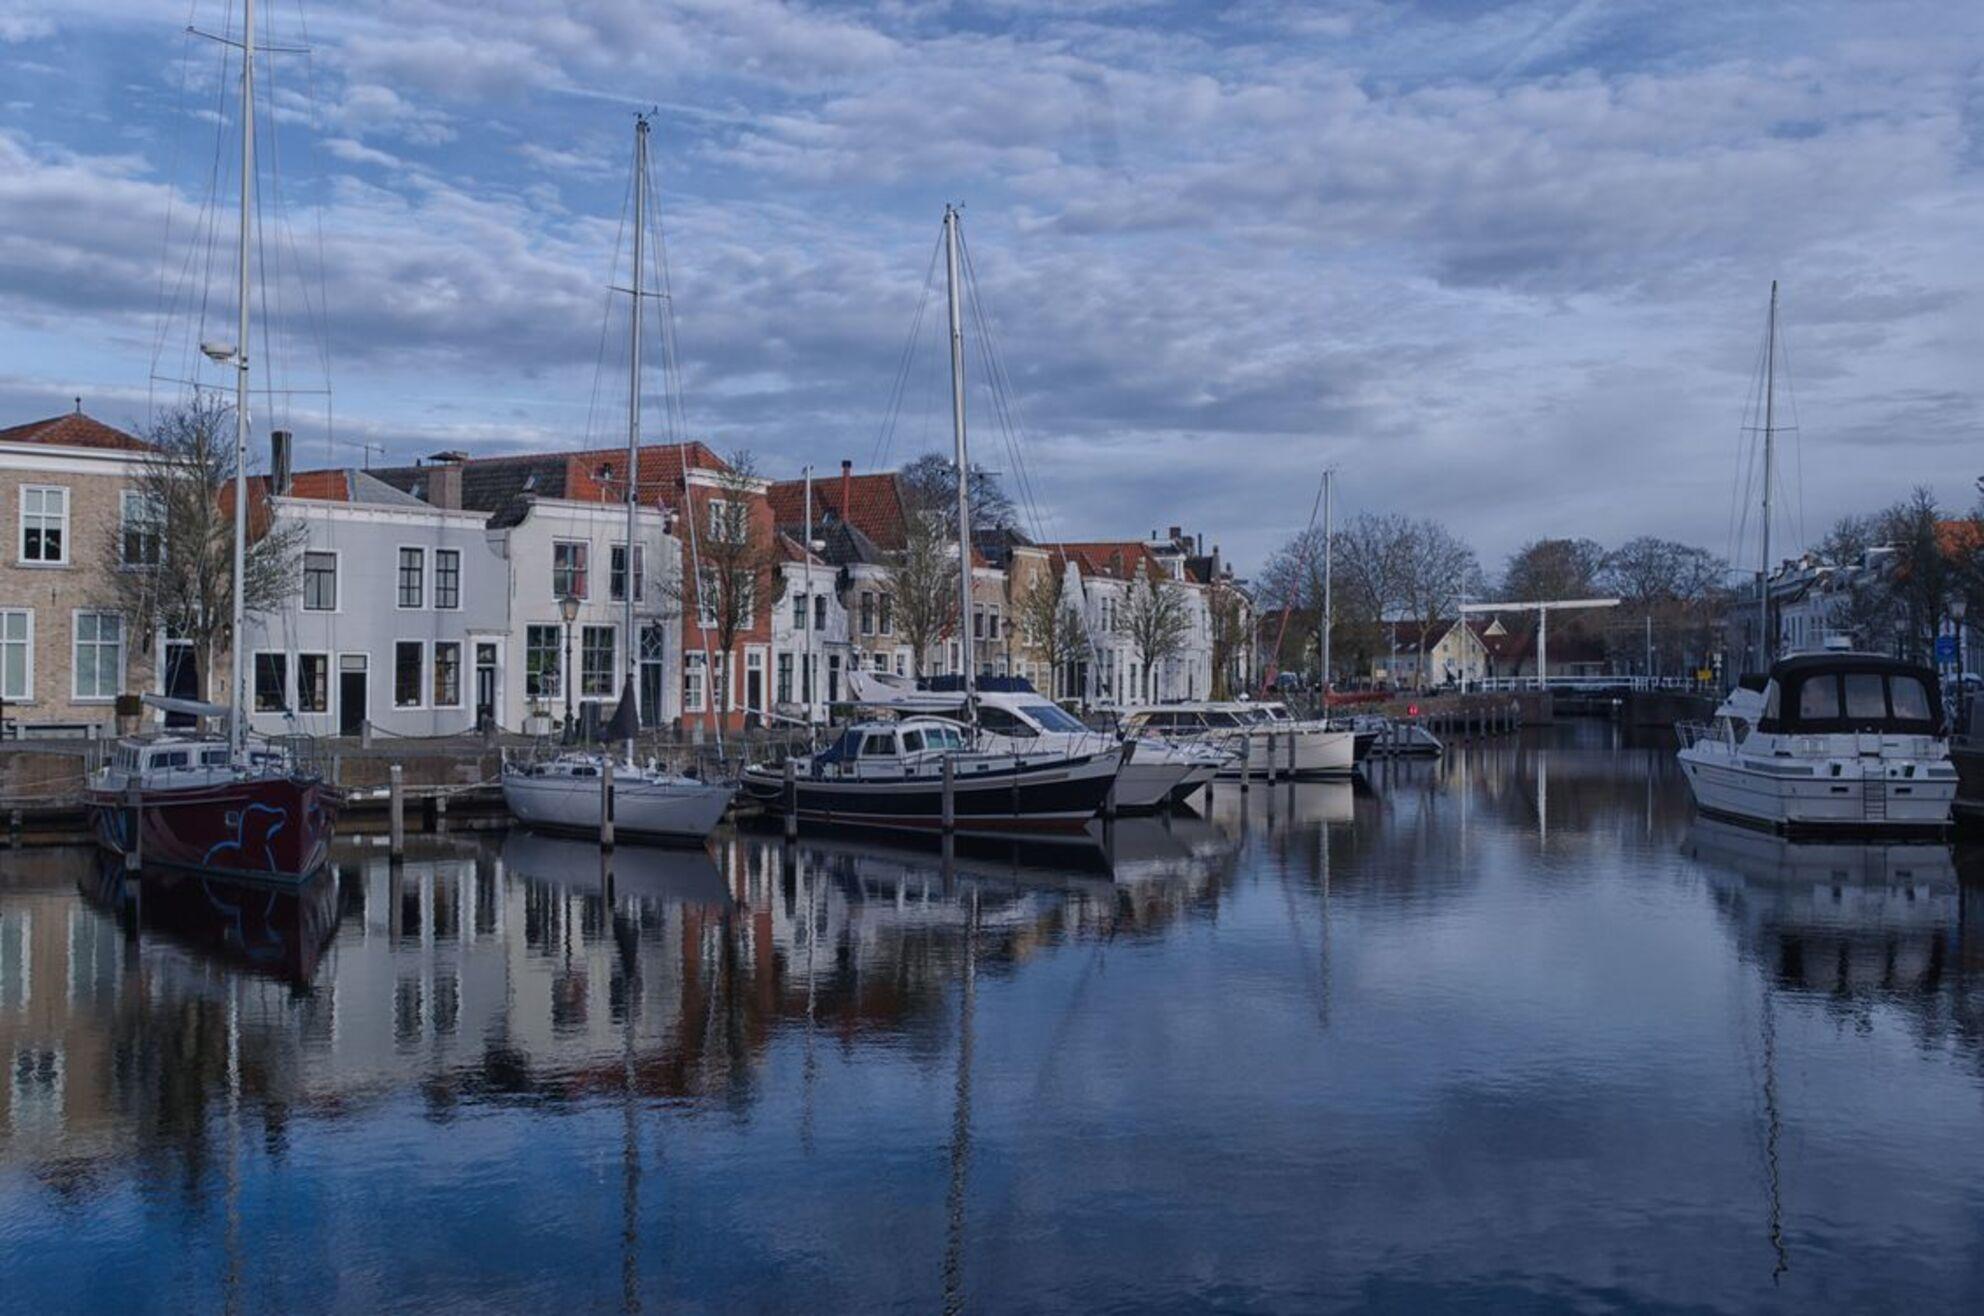 Goes 1 - Vandaag door Goes gelopen en genoten van het mooie weer en het uitzicht. - foto door AdrianaKokde op 27-12-2018 - deze foto bevat: wolken, water, boot, spiegeling, stad, haven, reflecties, gevels